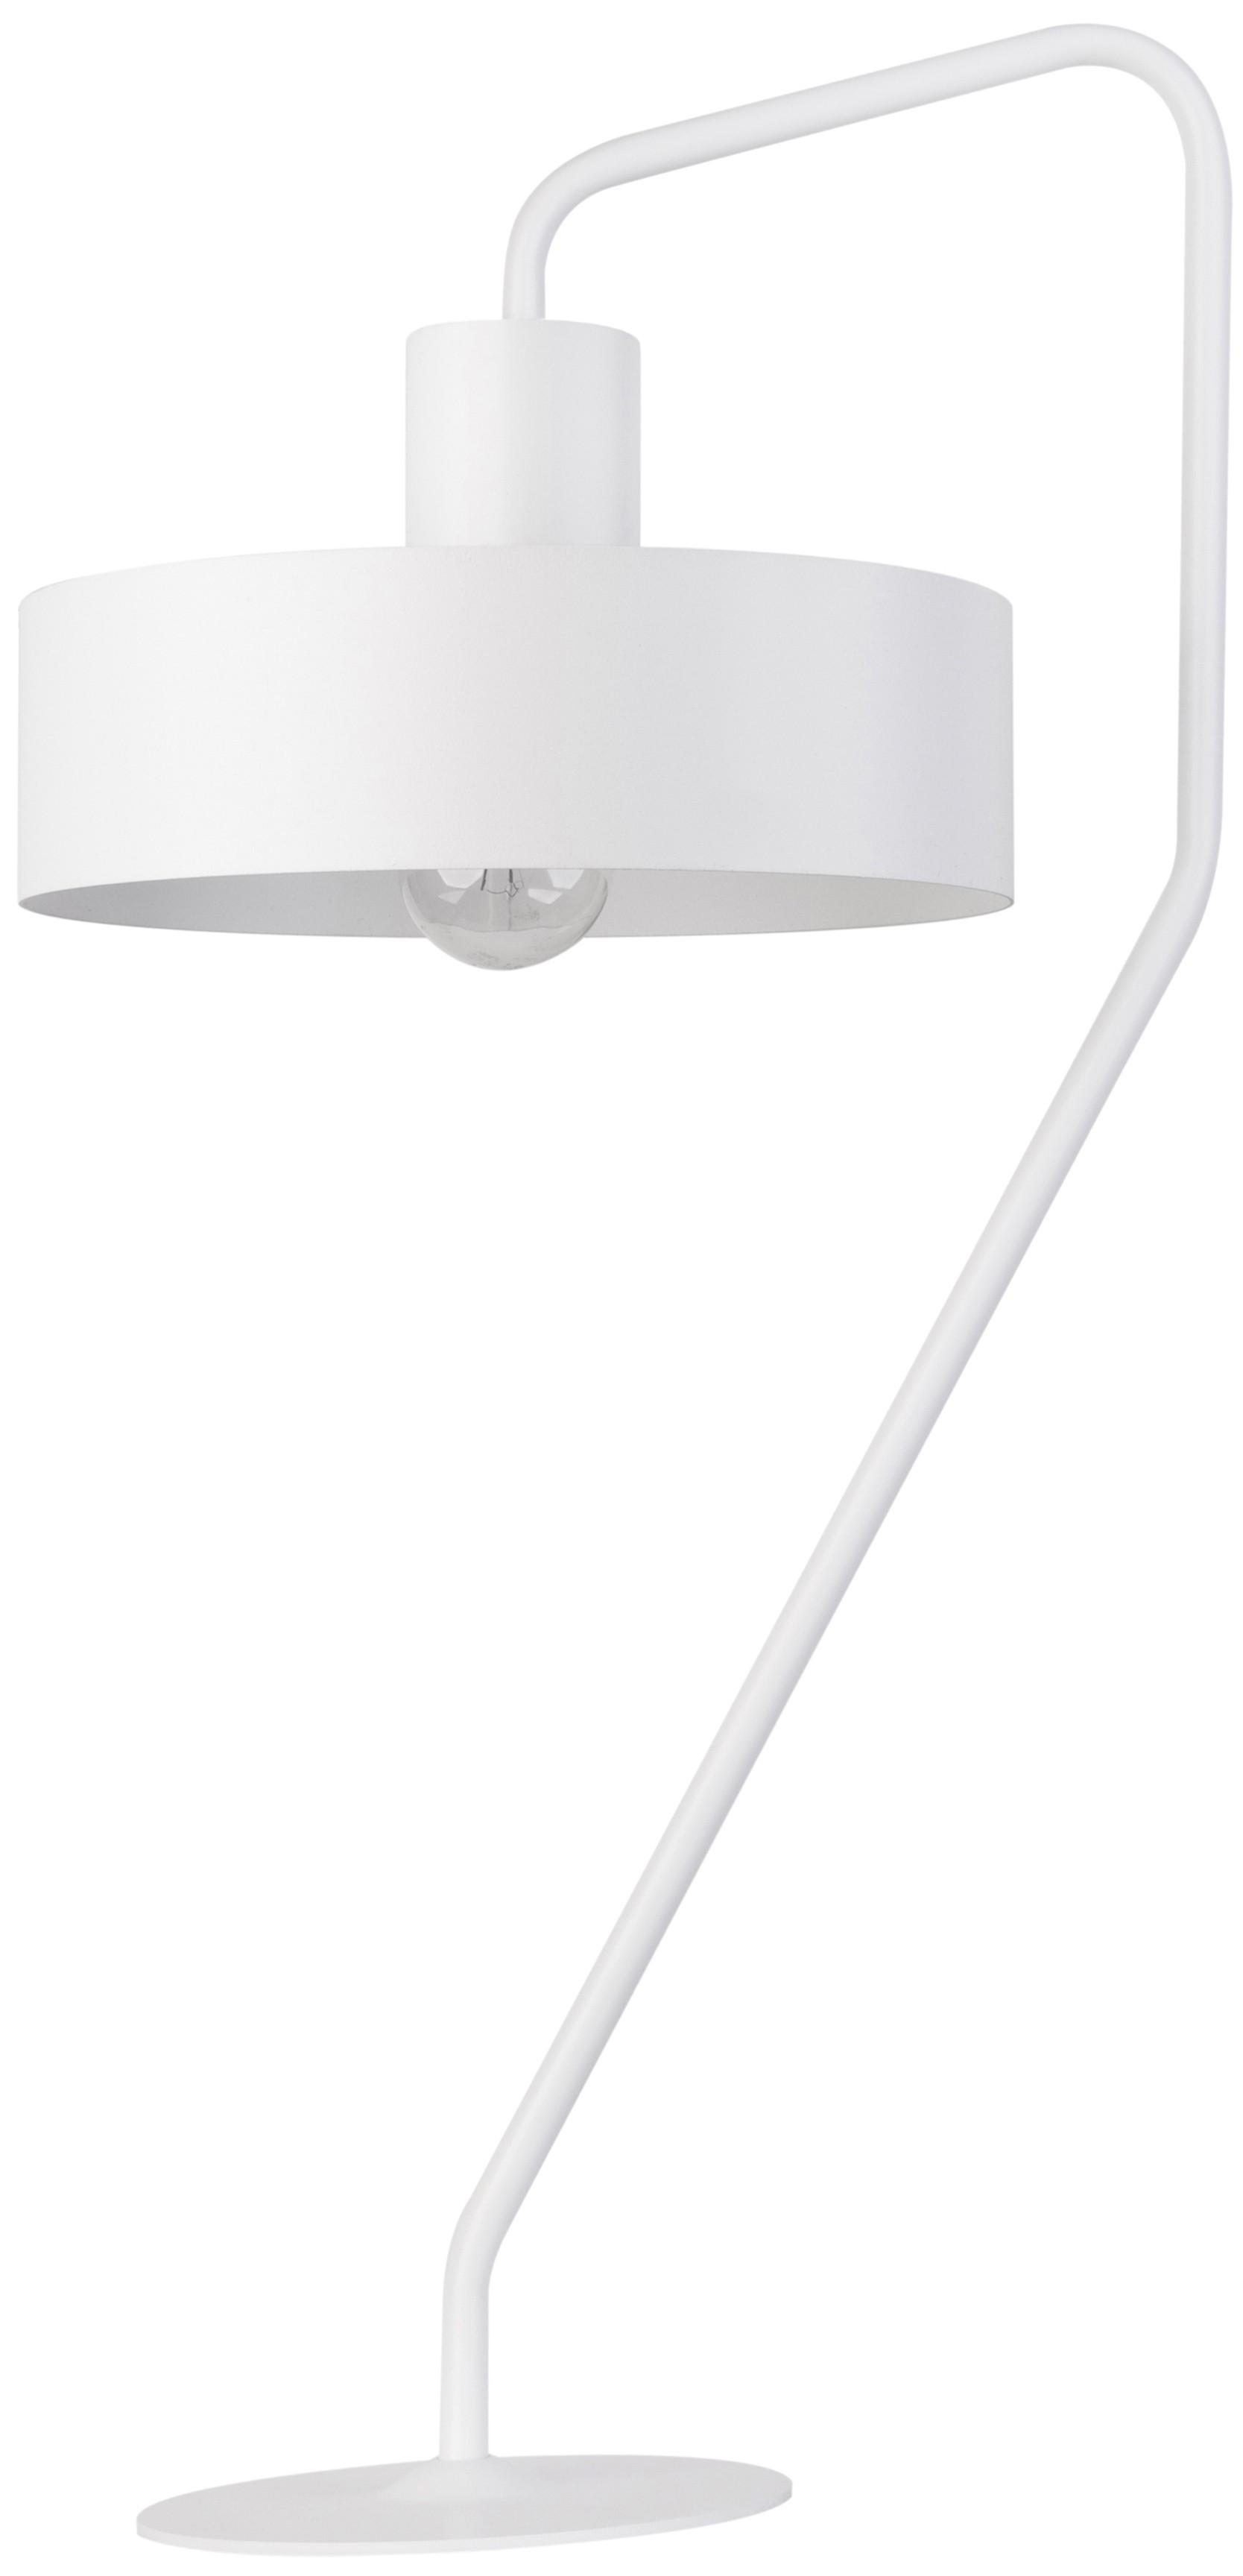 Lampka nowoczesna biała Jumbo metalowa okrągła 50109 - Sigma Do -17% rabatu w koszyku i darmowa dostawa od 299zł !